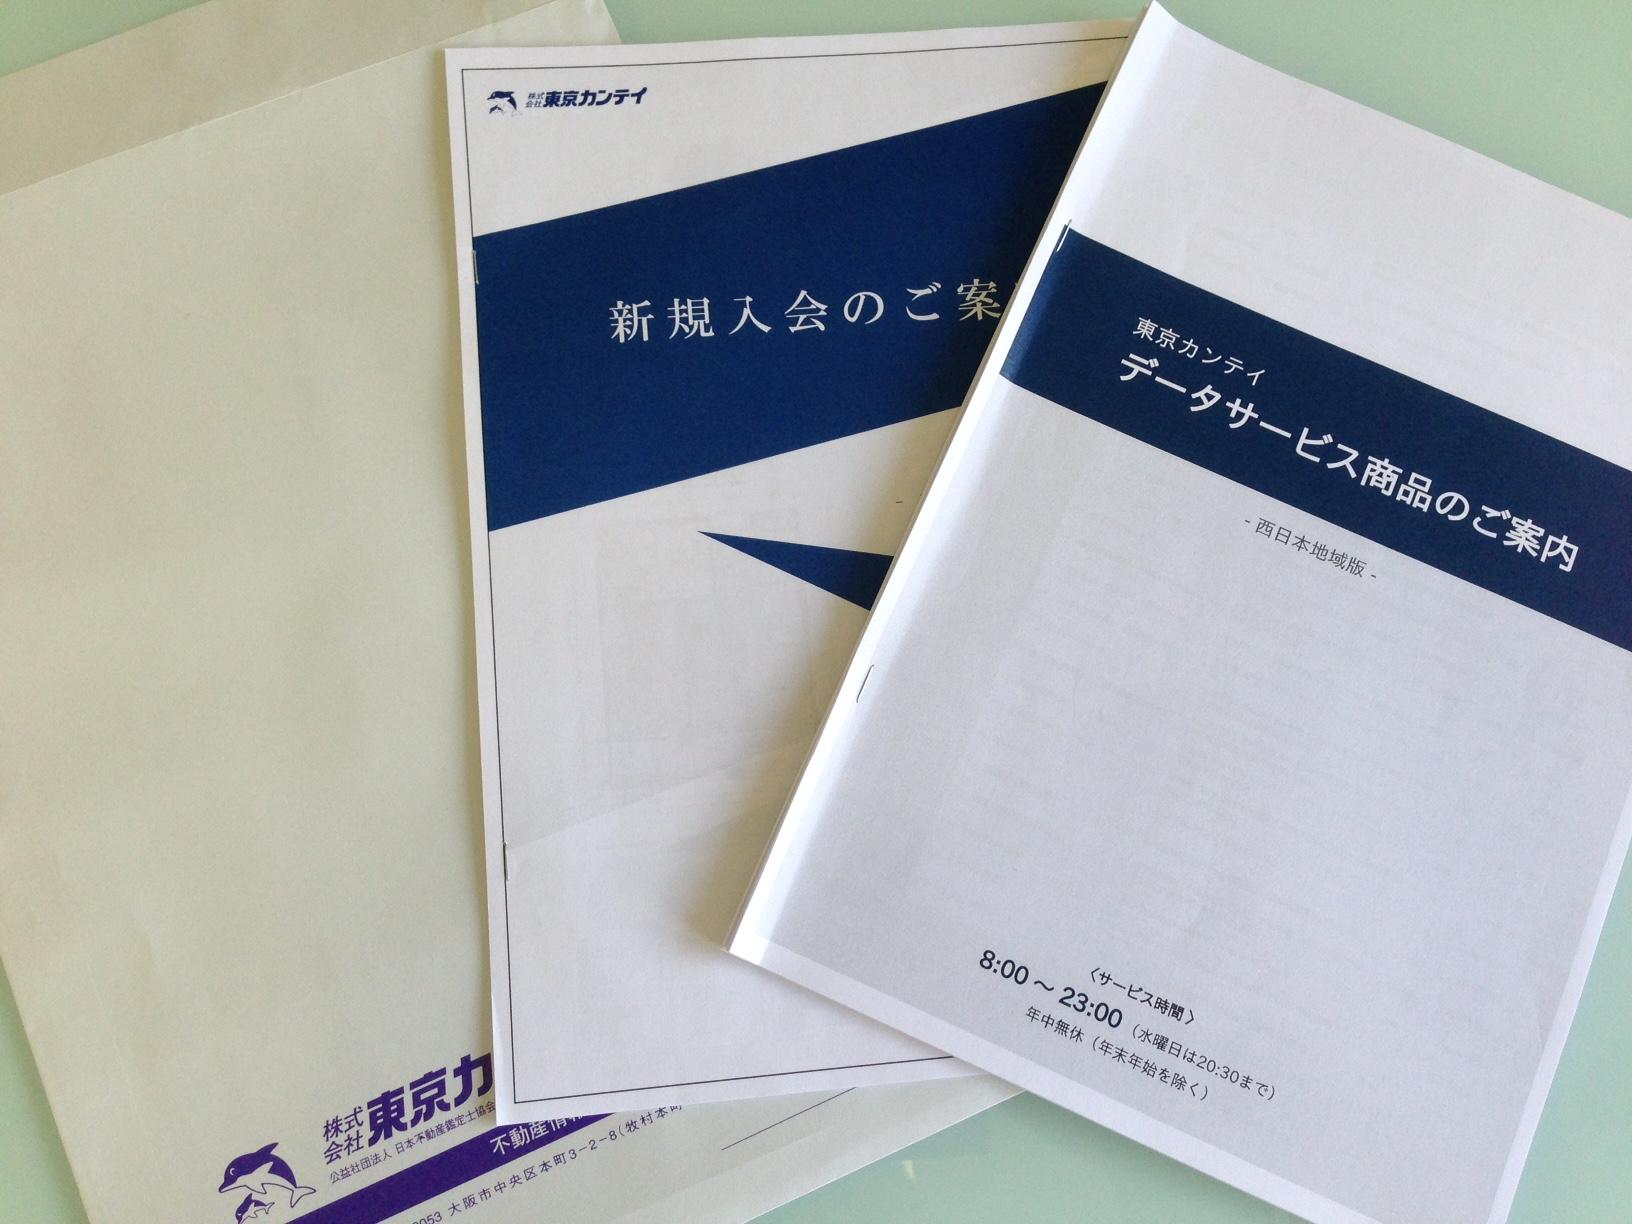 東京カンテイ新規入会方法及び、データサービス商品の詳しい説明